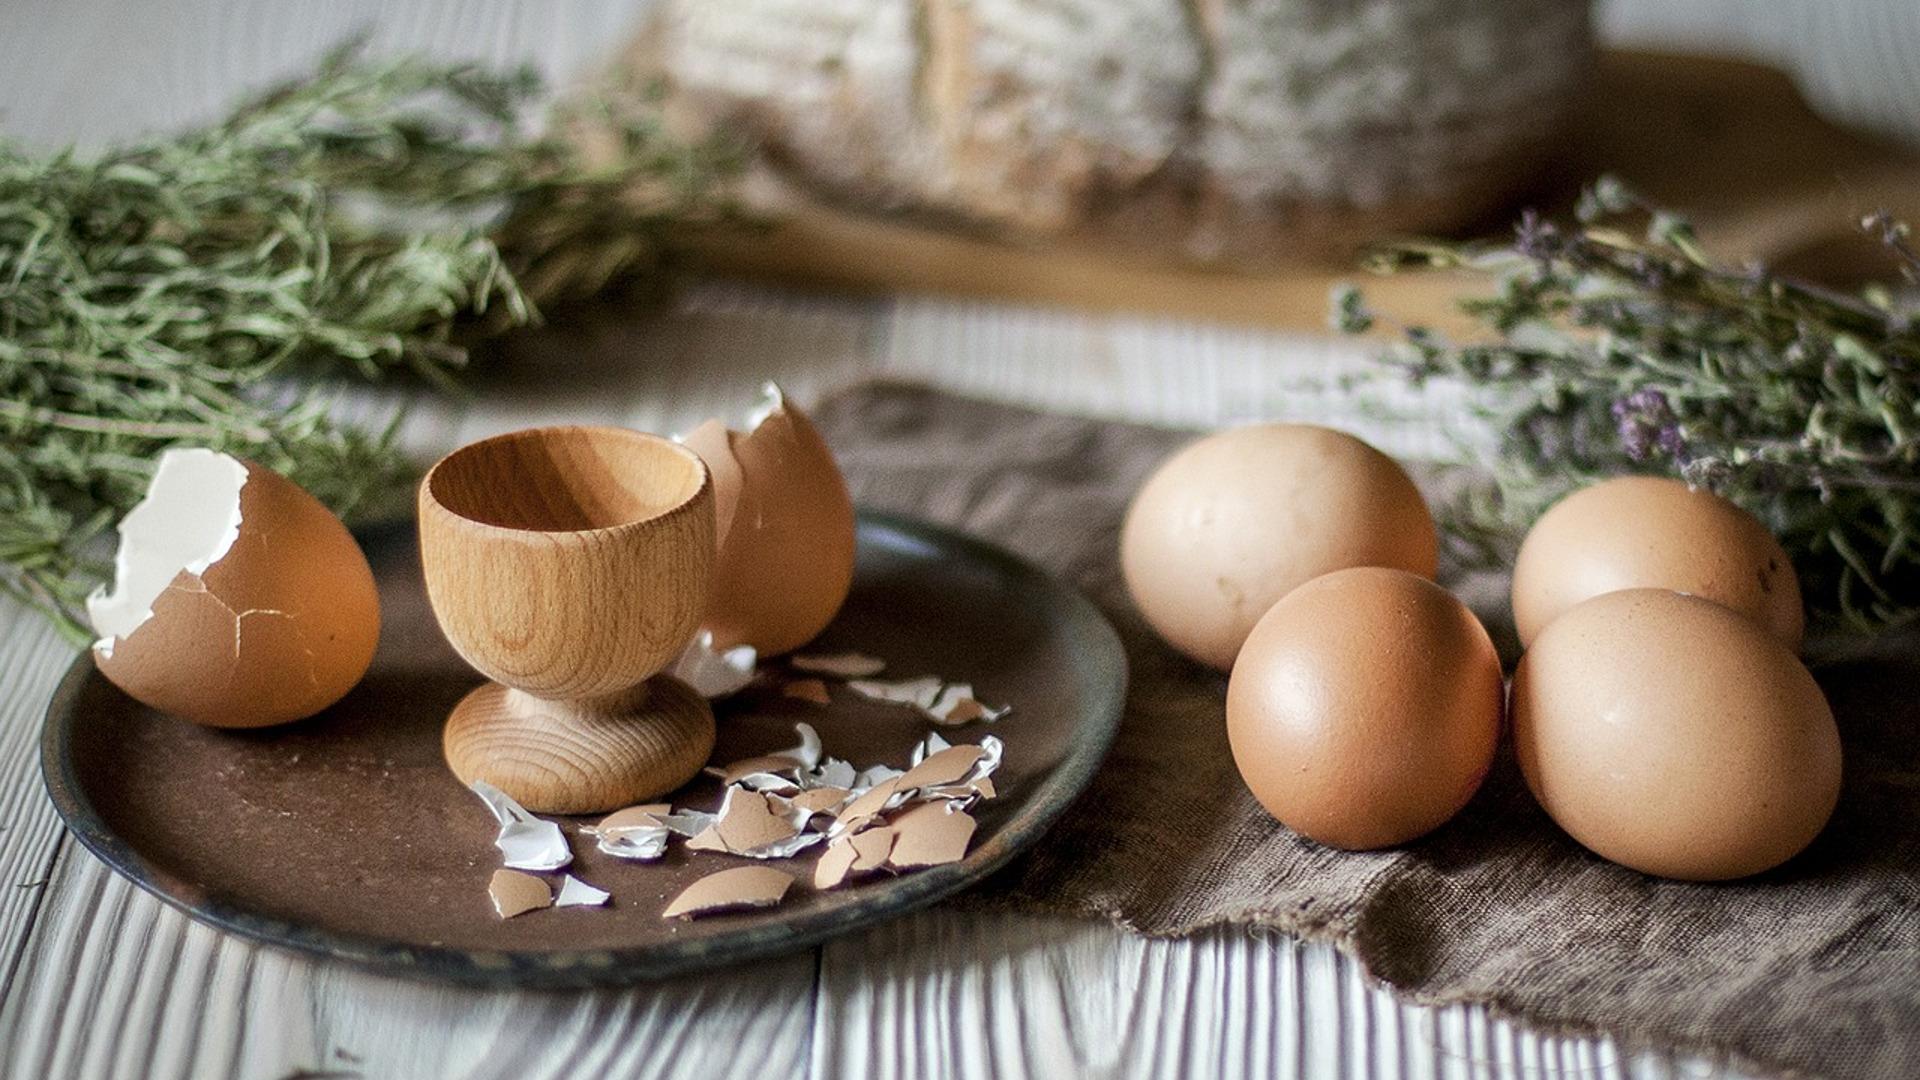 Colesterolo e uova: un vecchio pregiudizio da sconfiggere?